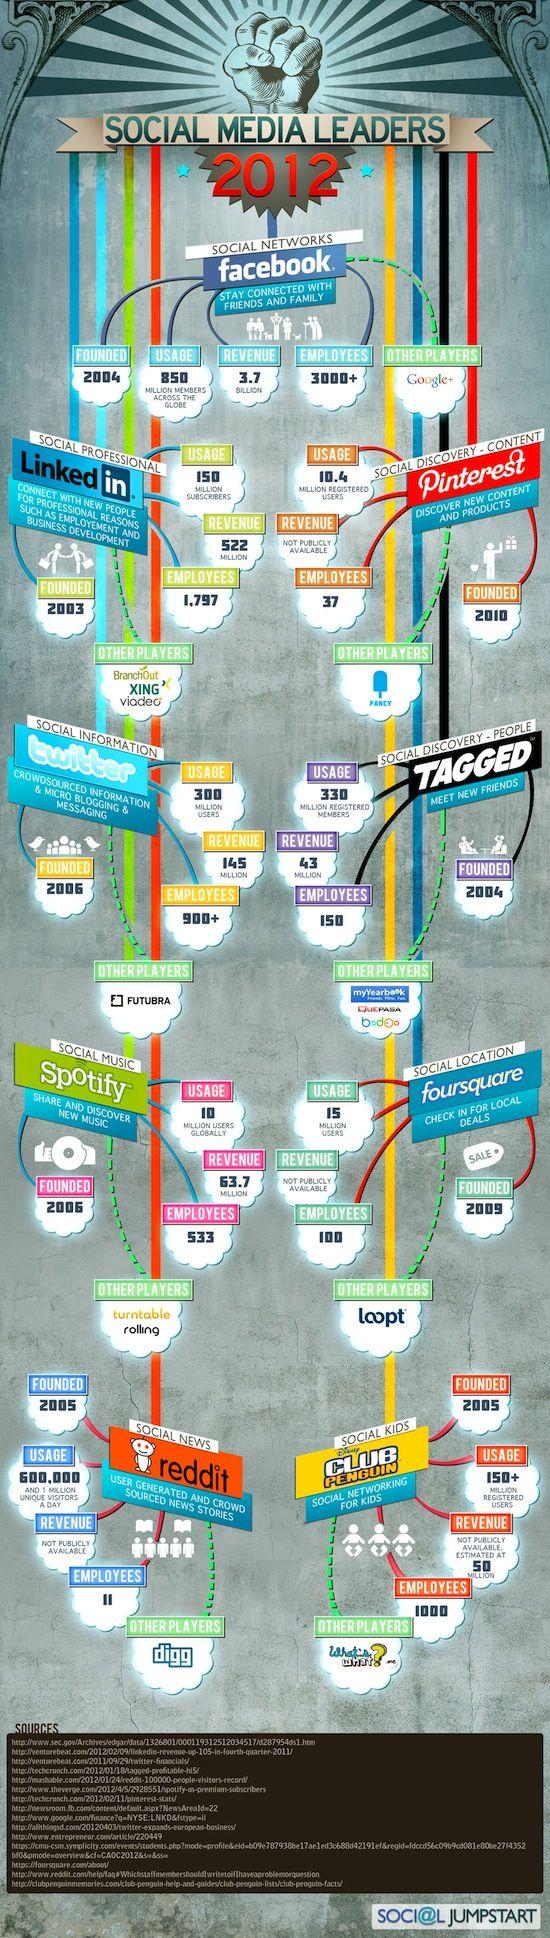 Les leaders du #SocialMedia 2012 ! #Infographie